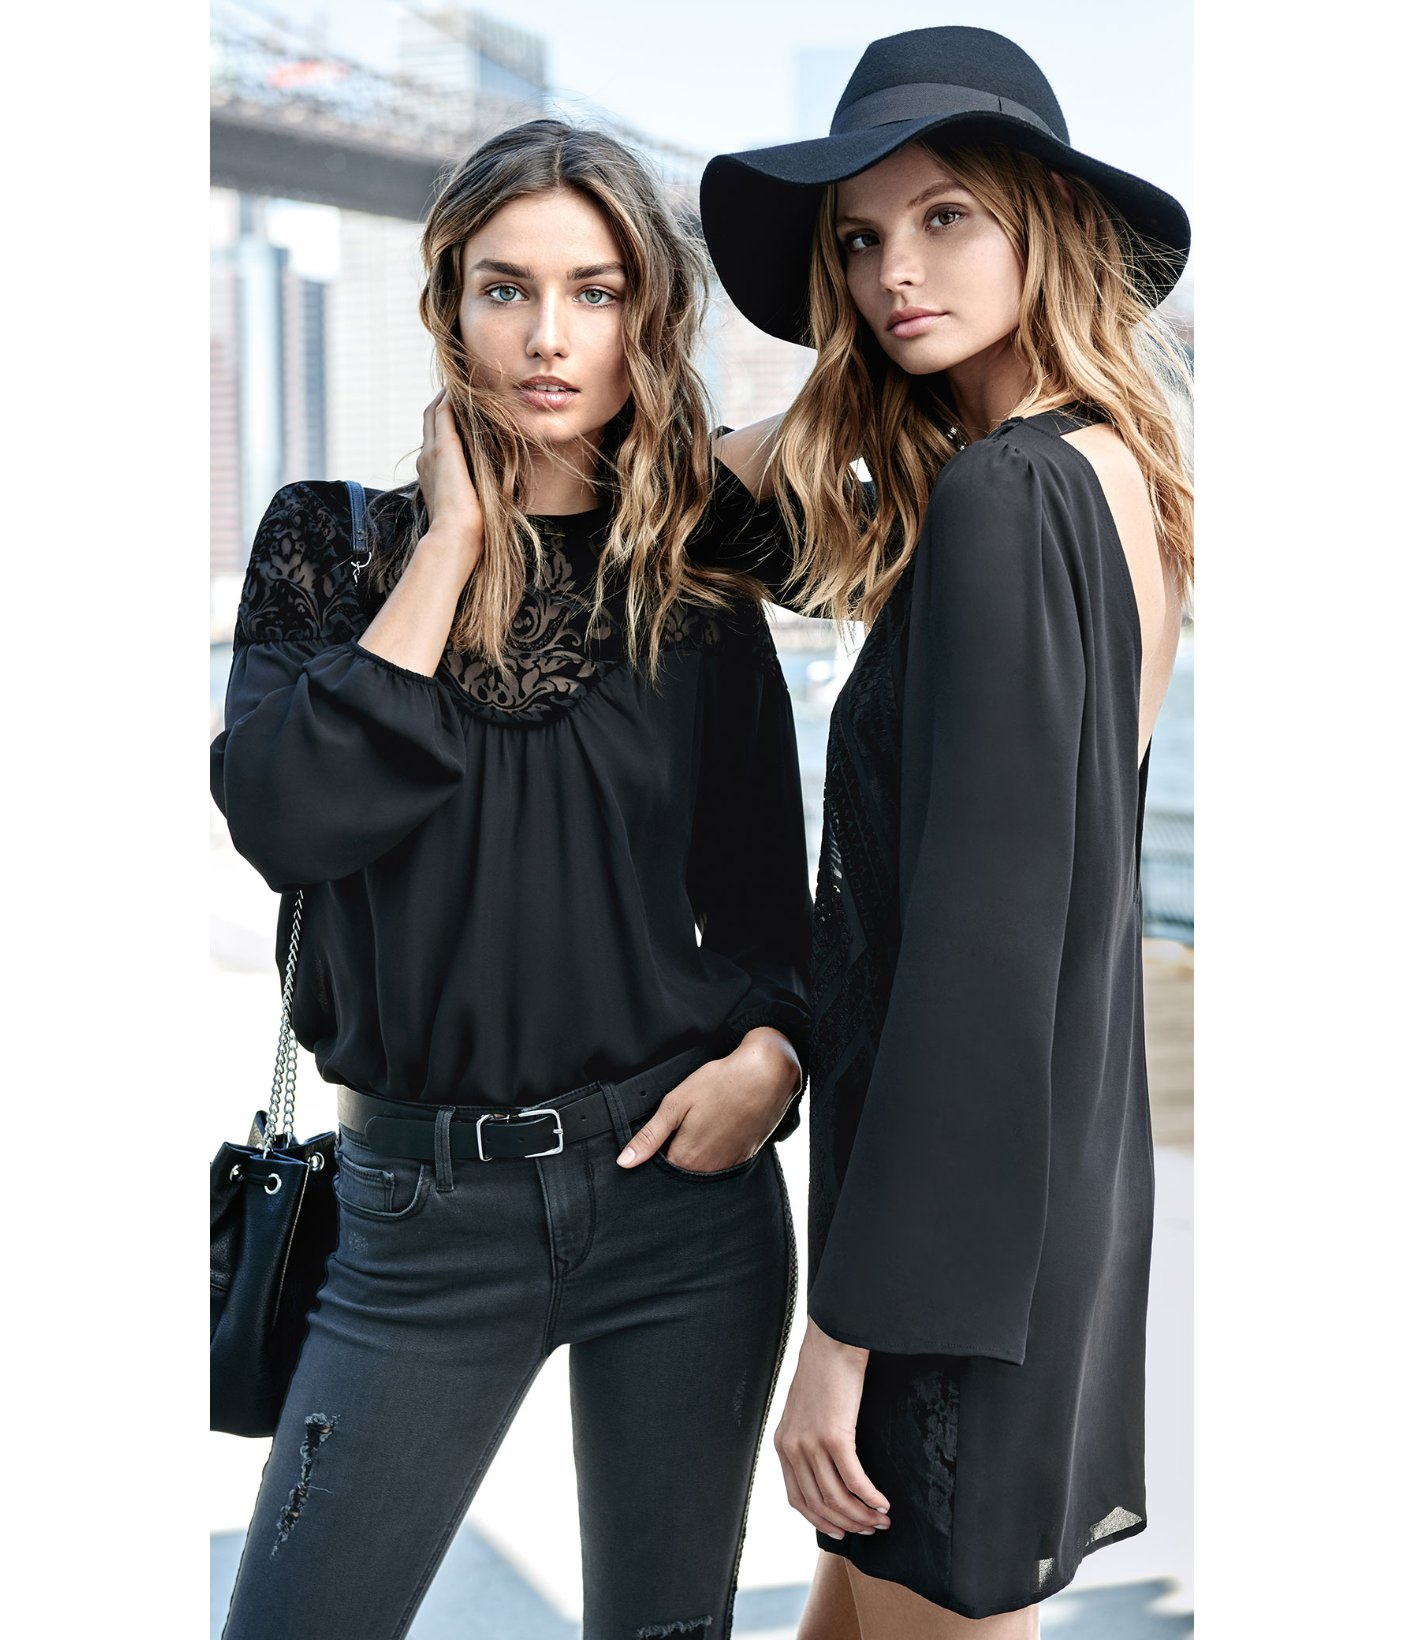 Lyst - Express Black Wool Matador Hat in Black fd5dba0bf98